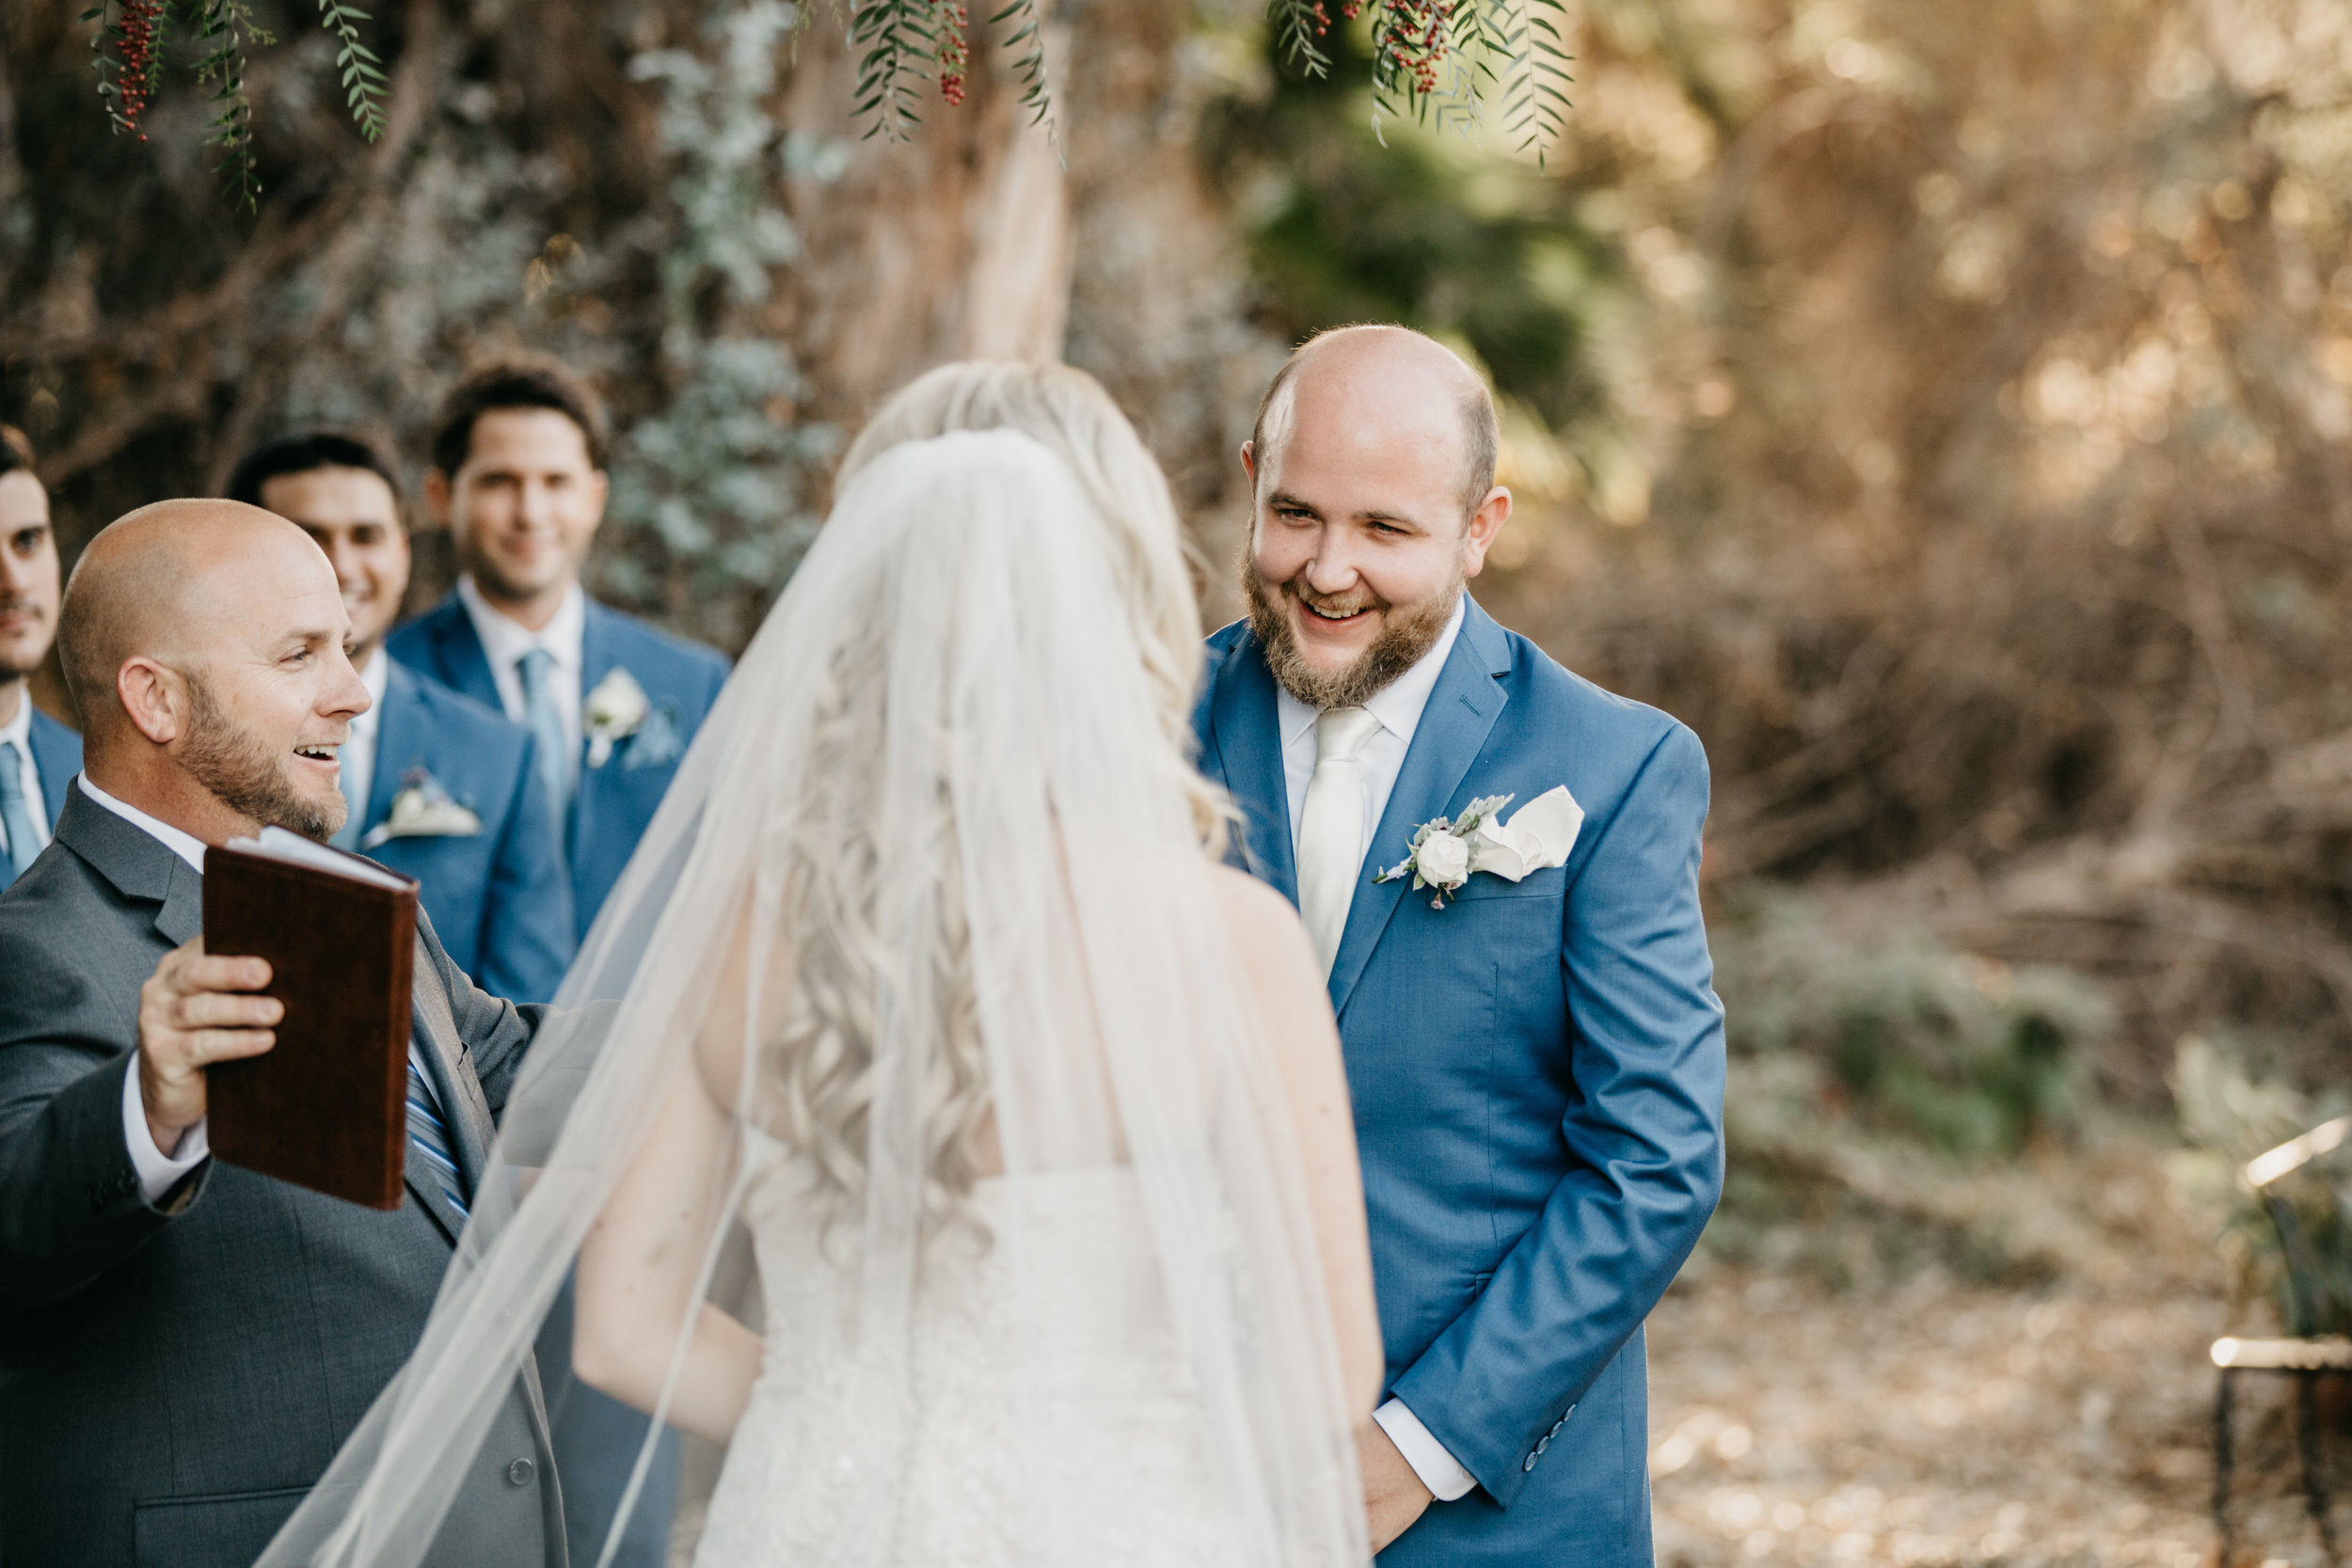 DianaLakePhoto-L+M-San-Diego-Wedding-Ceremony80.jpg